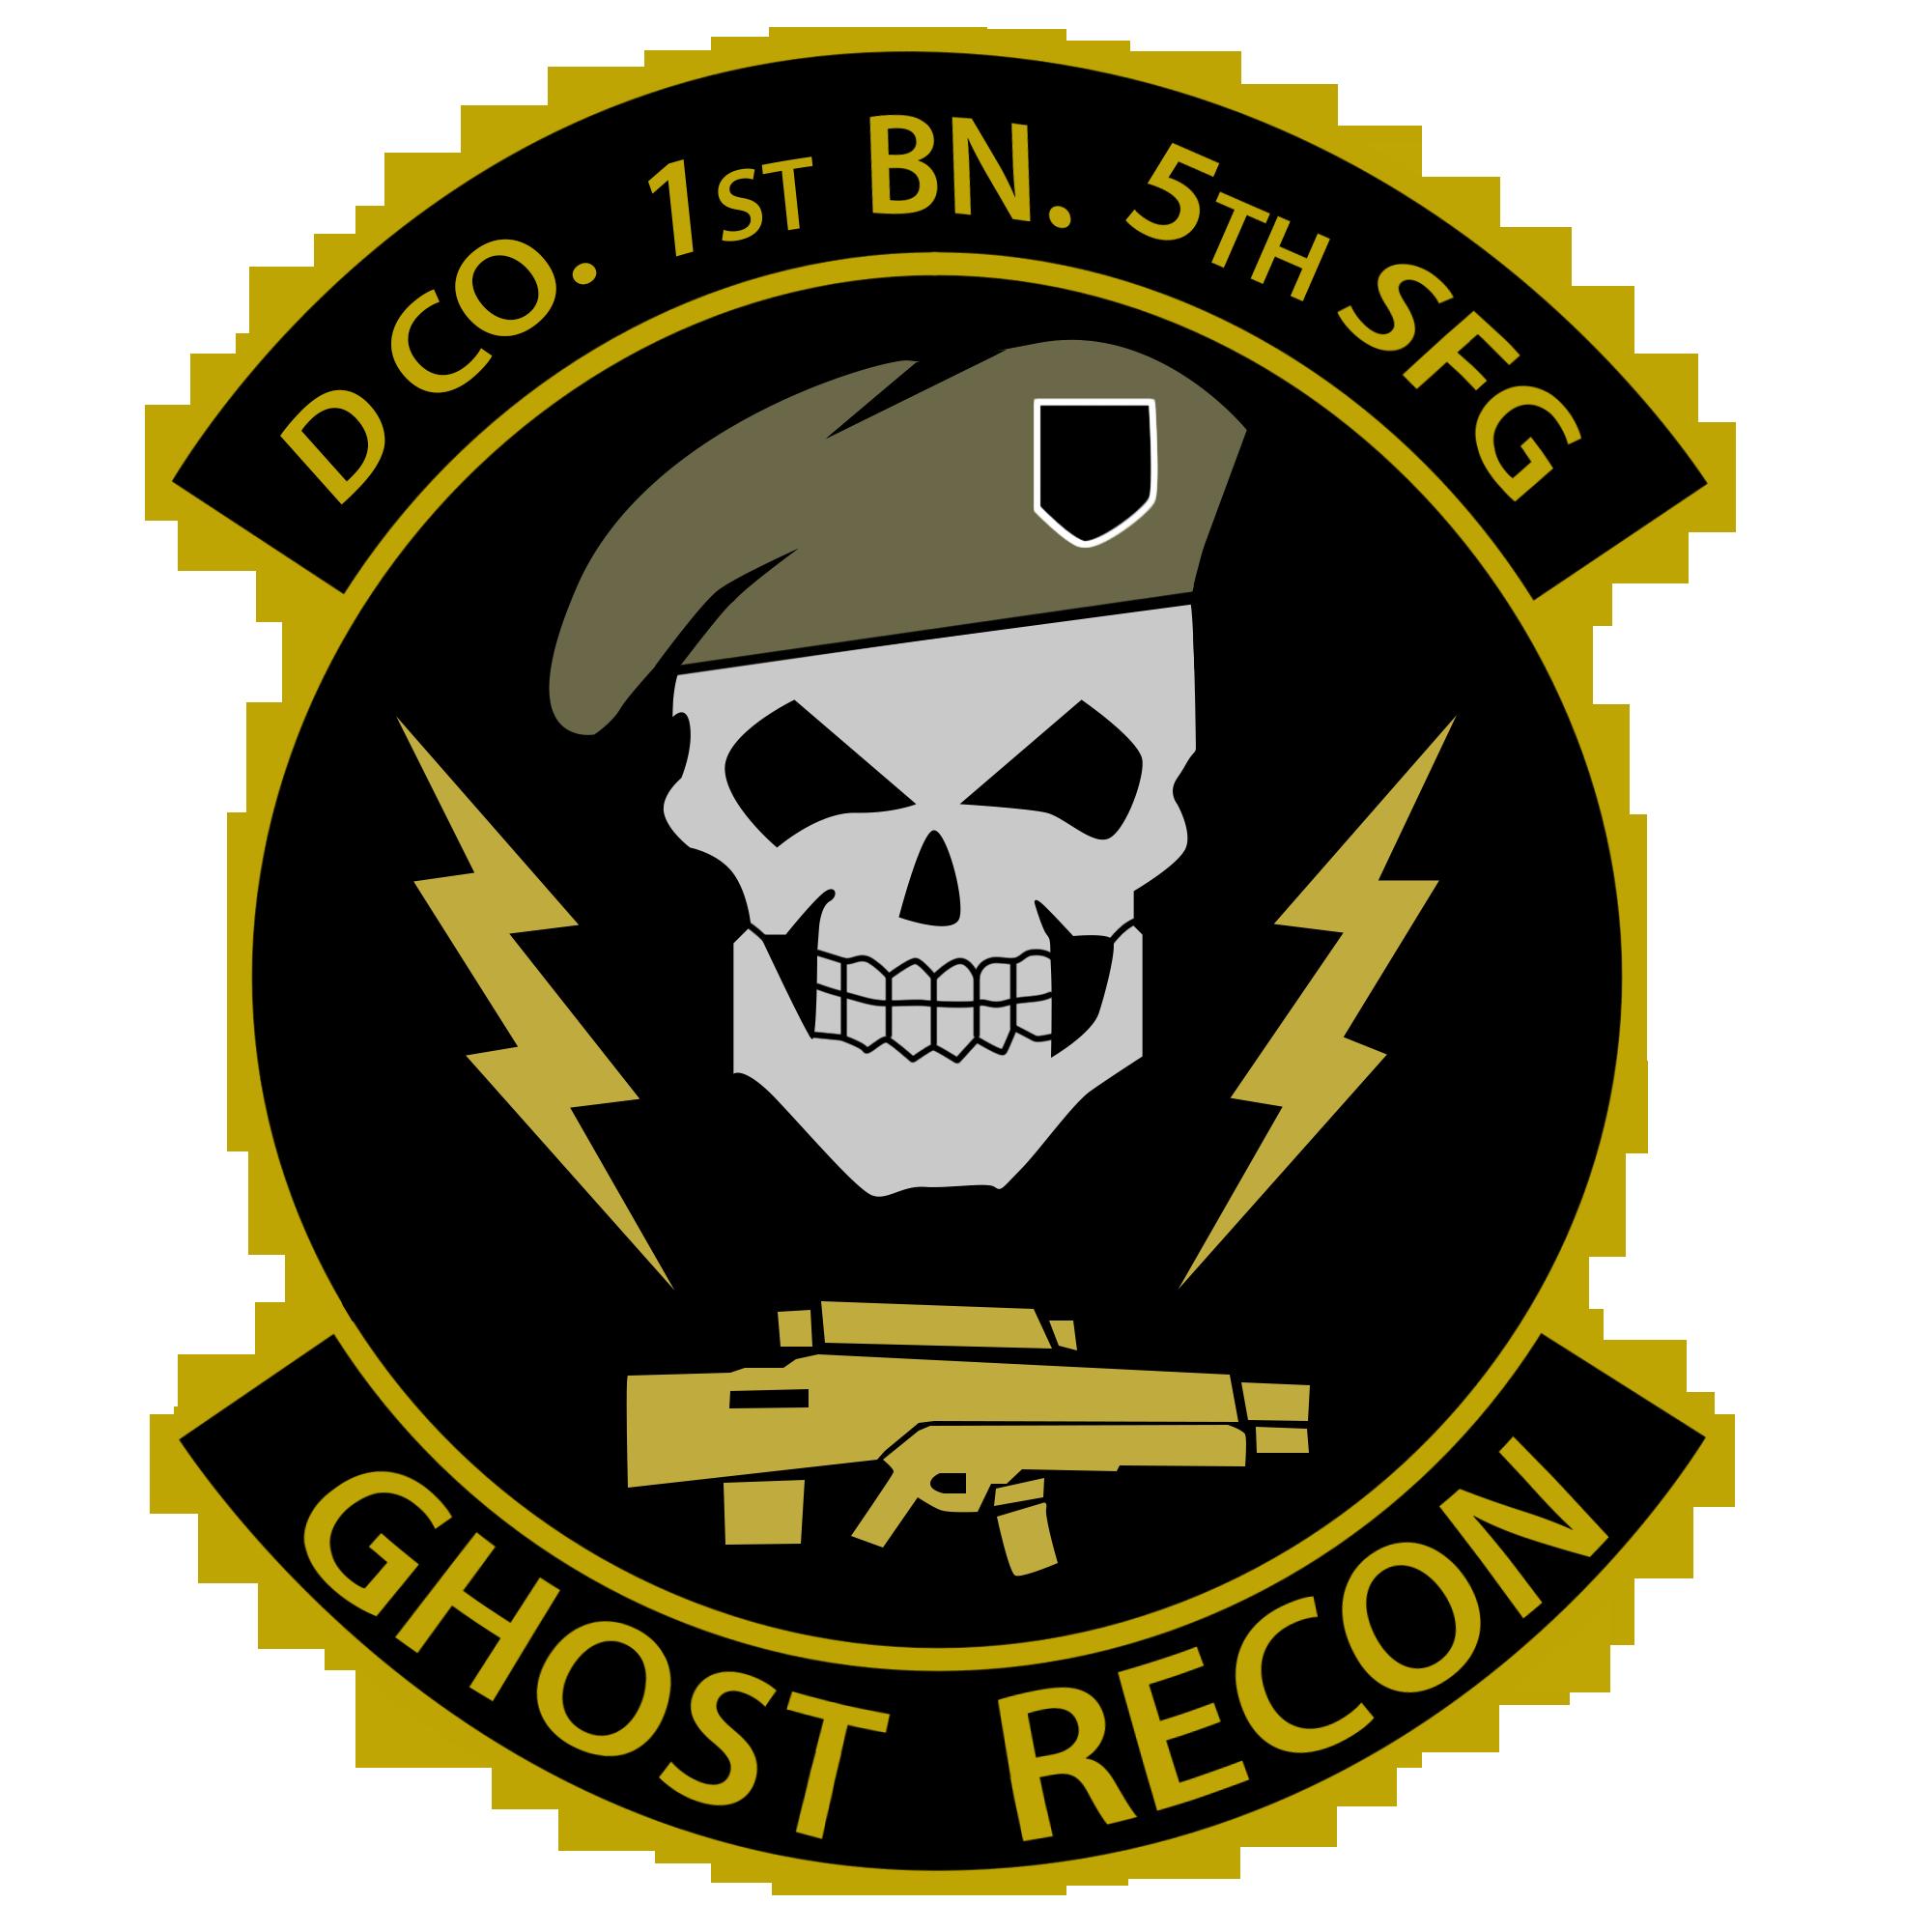 ghost_recon_logo_2000px_by_zeealex-d7z00